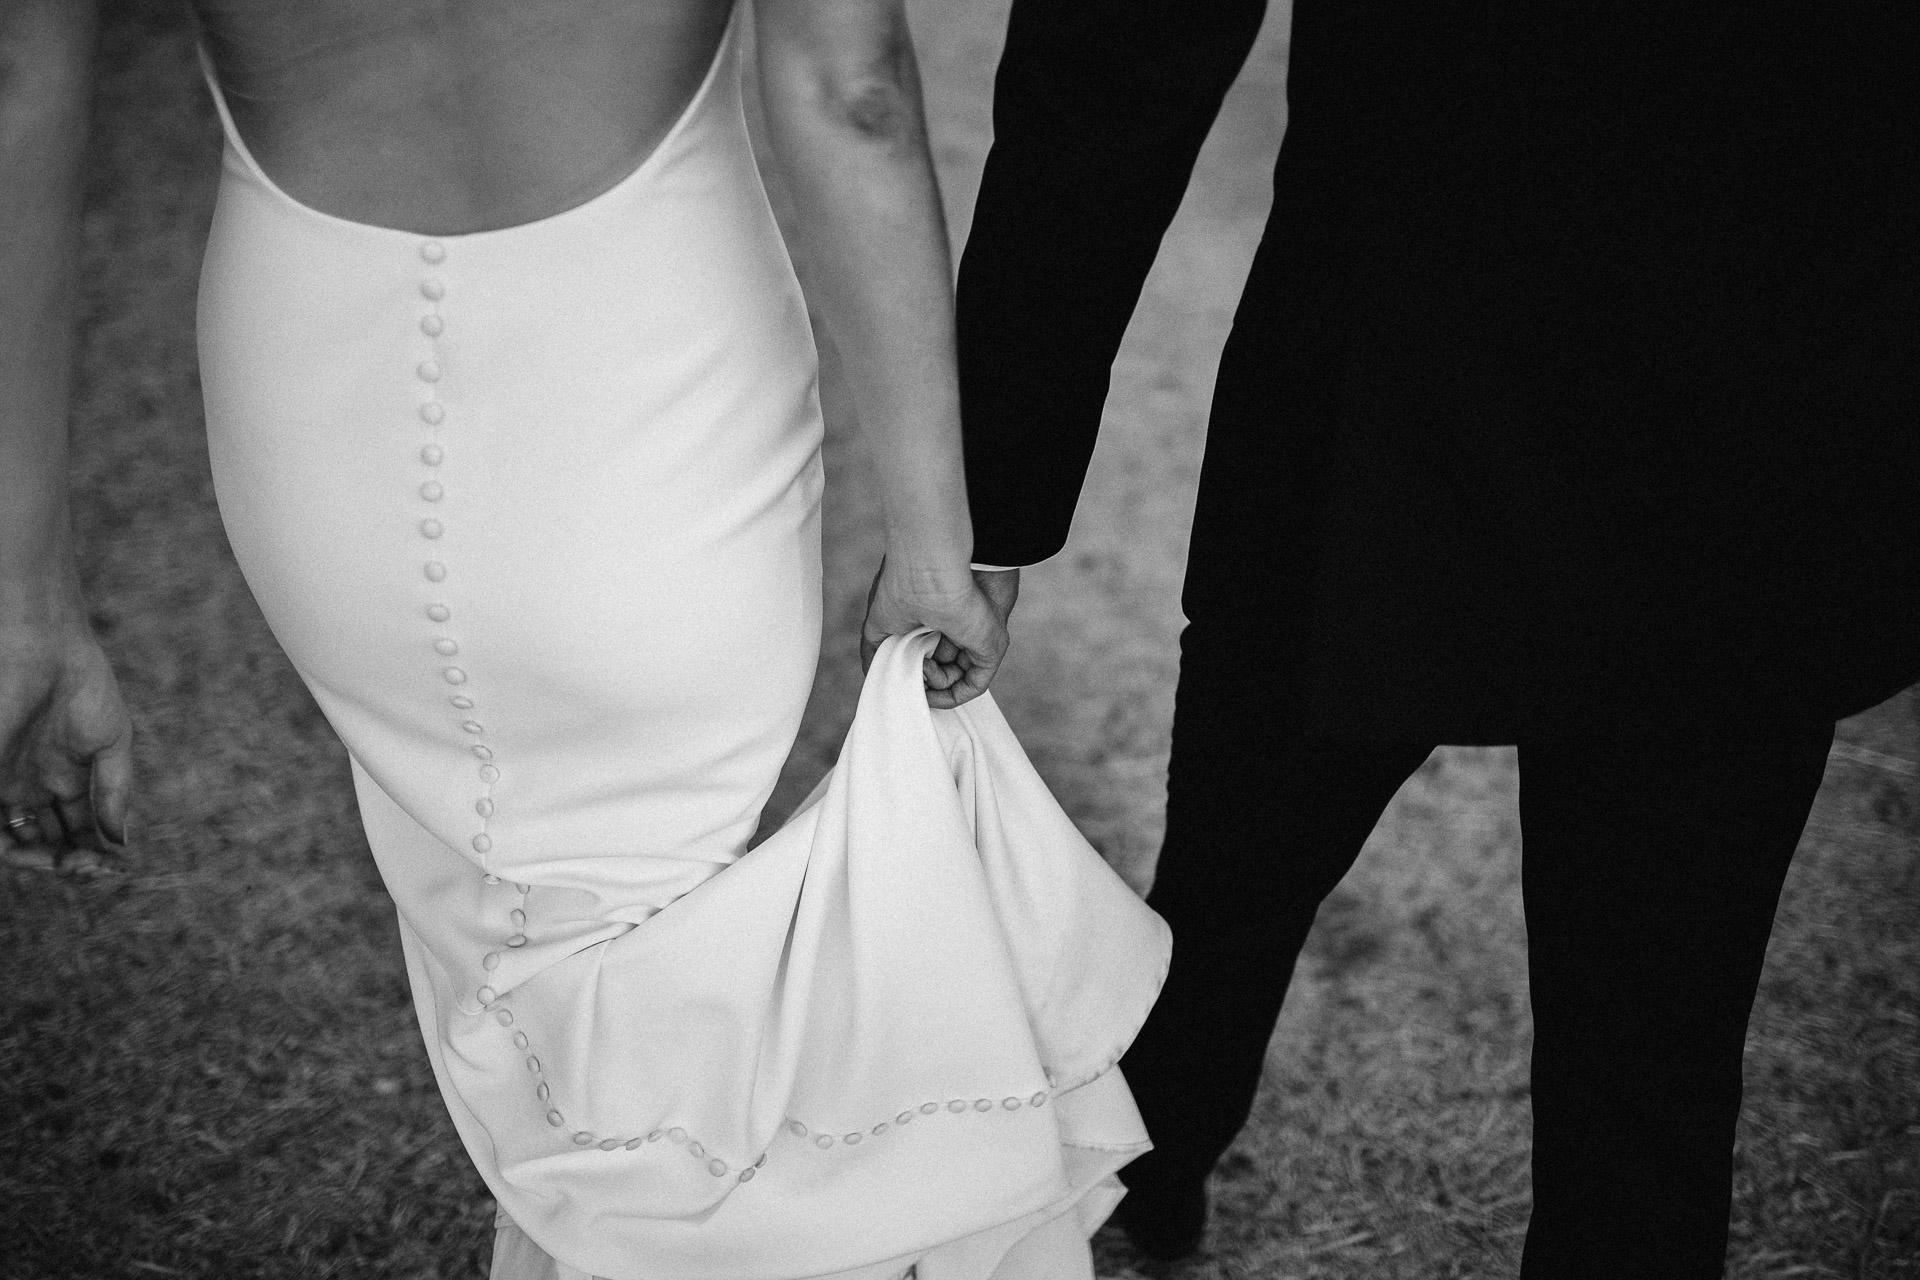 lauren_graham_wedding_california_park_winters_jeanlaurentgaudy_001-5